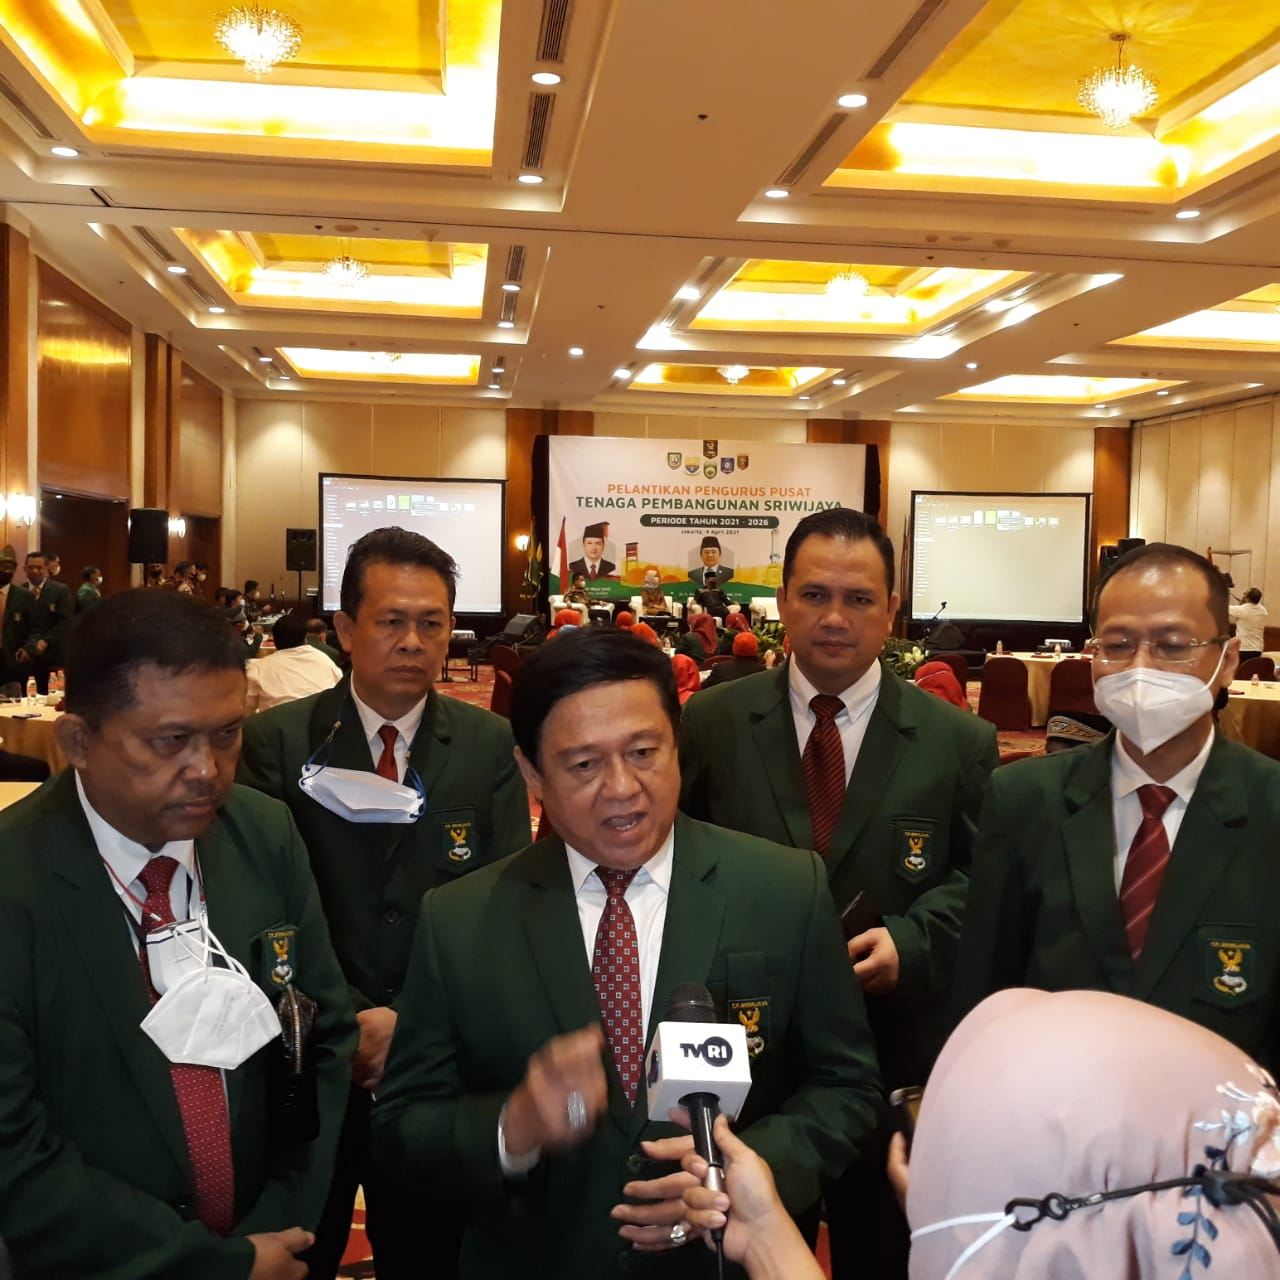 Pengurus Pusat Tenaga Pembangunan Sriwijaya Dilantik, Tingkatkan Ekonomi Sumbagsel